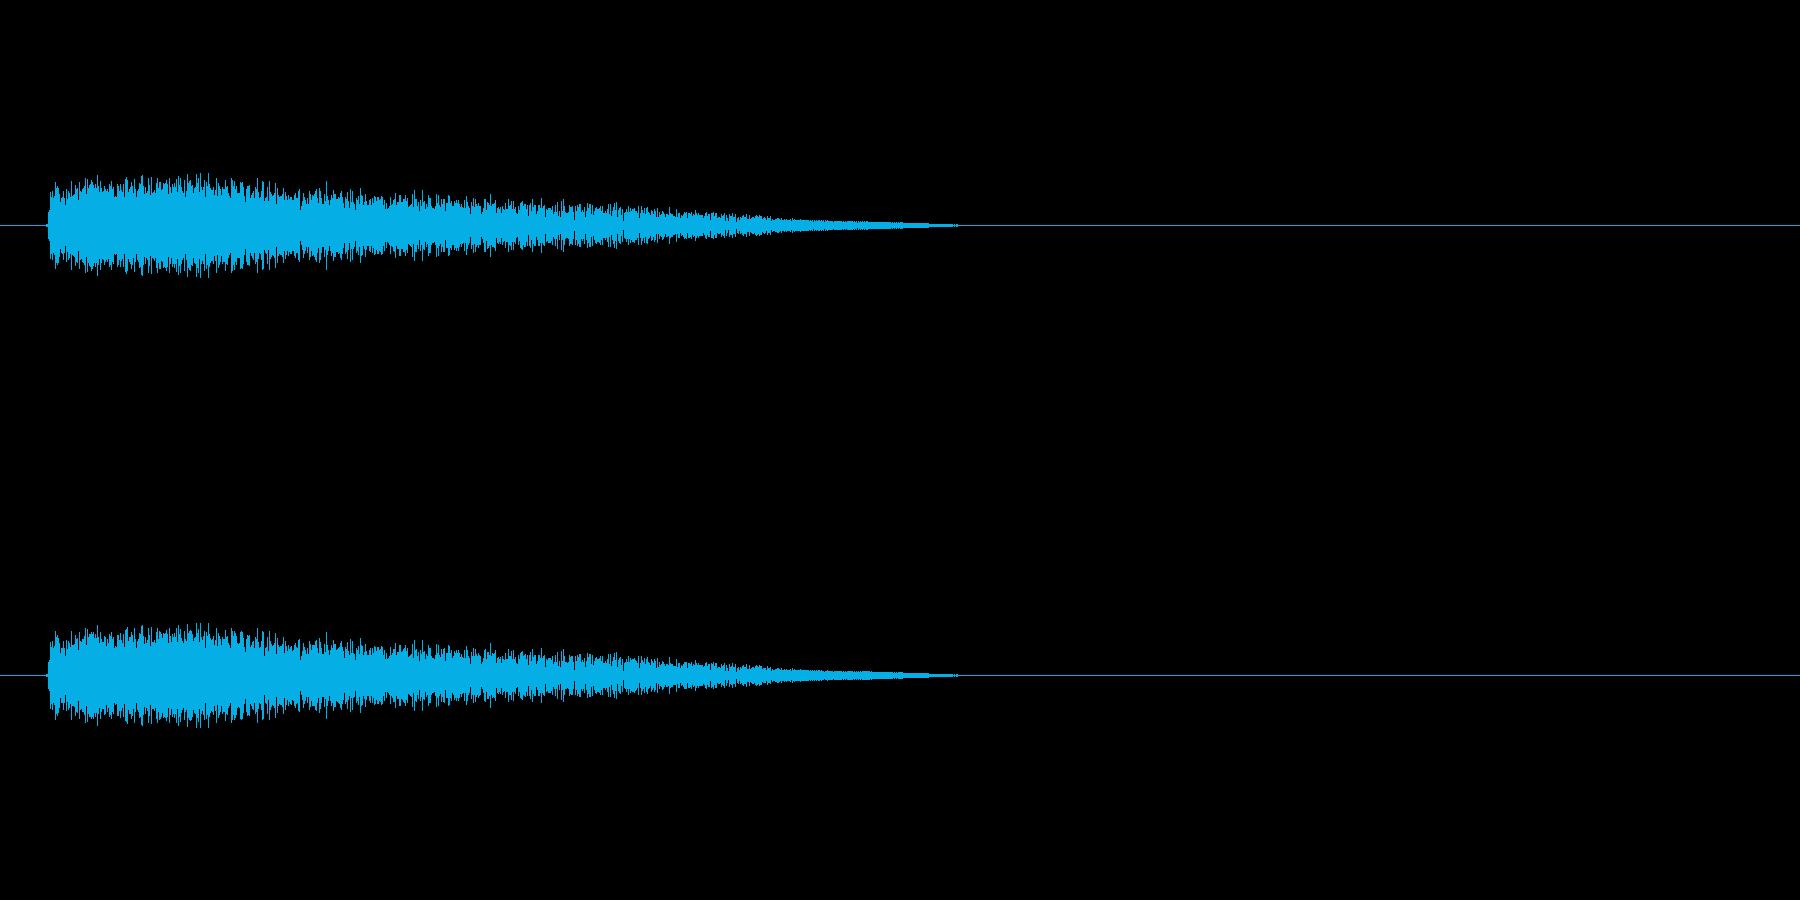 【ネガティブ03-3】の再生済みの波形